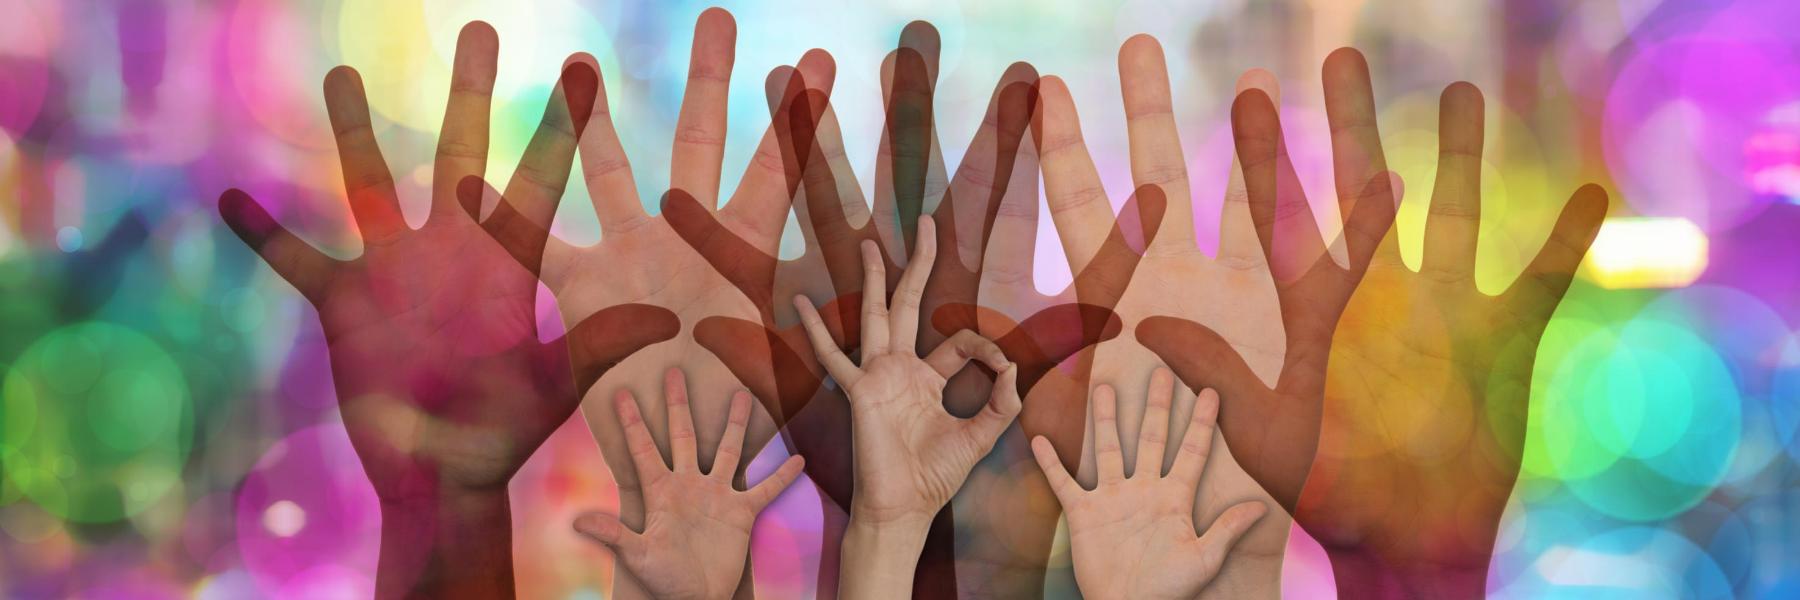 Hands held up